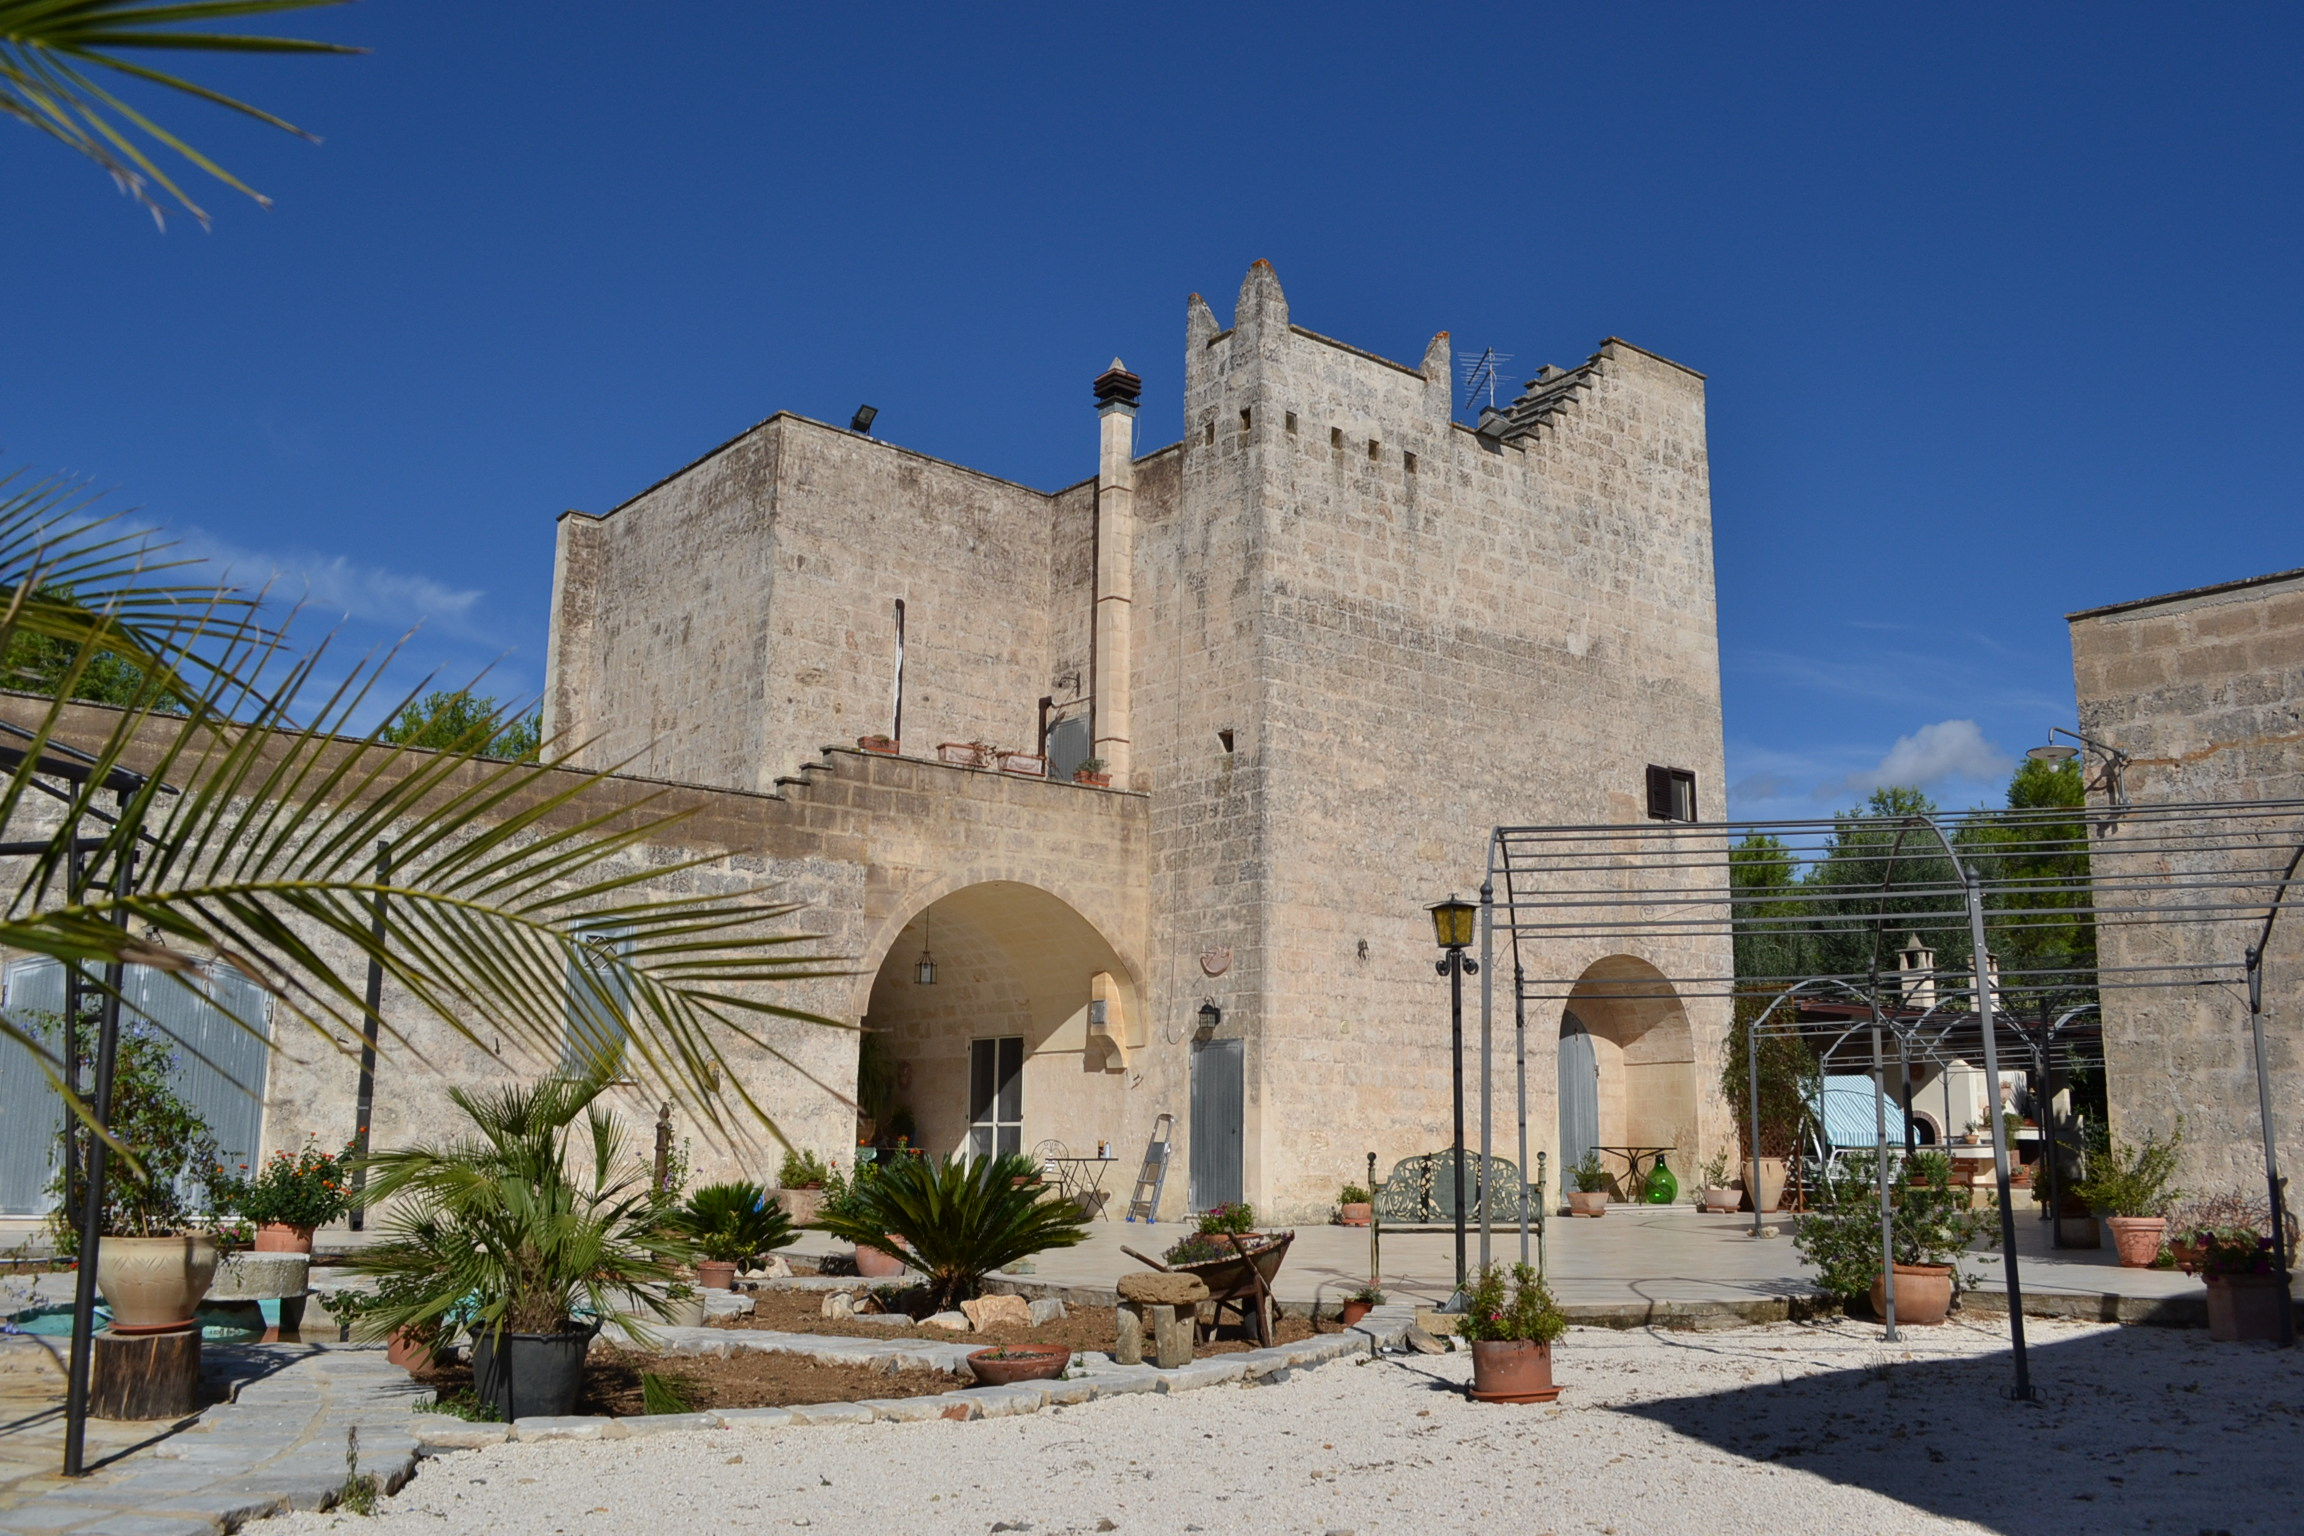 Francavilla fontana masseria del 1550 royal immobiliare di fabio sternativo - Mobilifici francavilla fontana ...